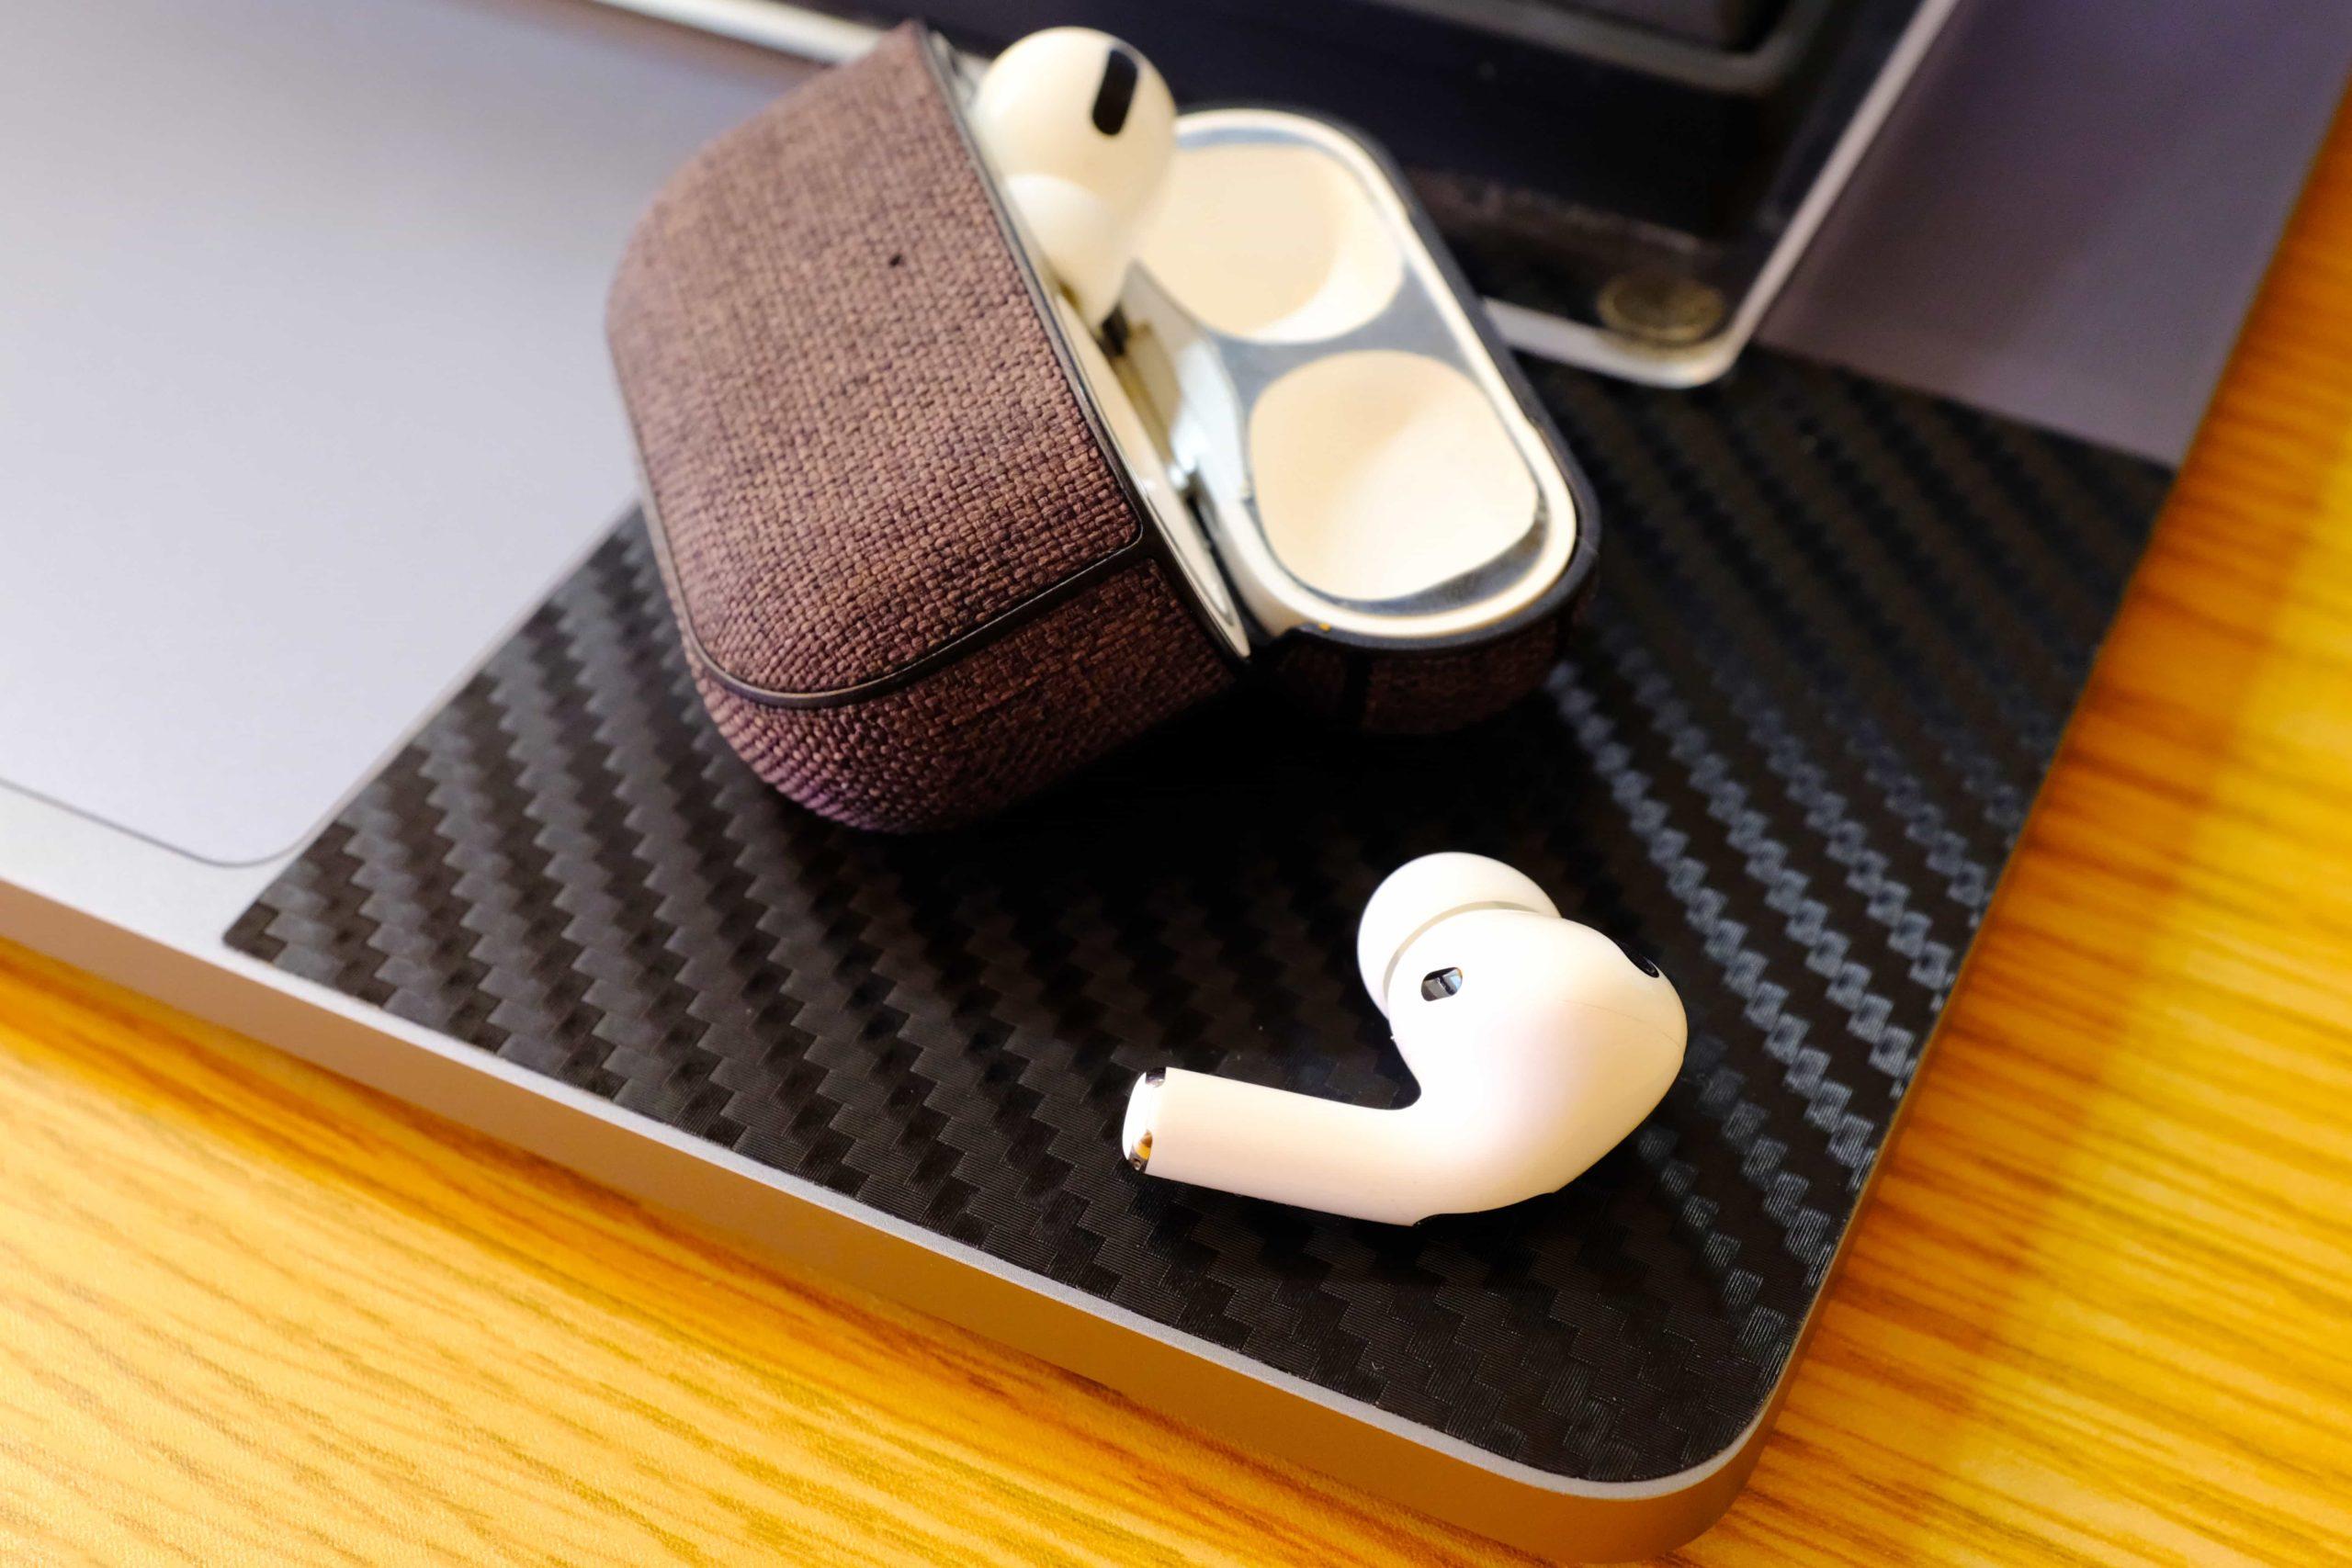 AirPods Proって「片耳ノイズキャンセリングが出来る」ことを今さら知りました